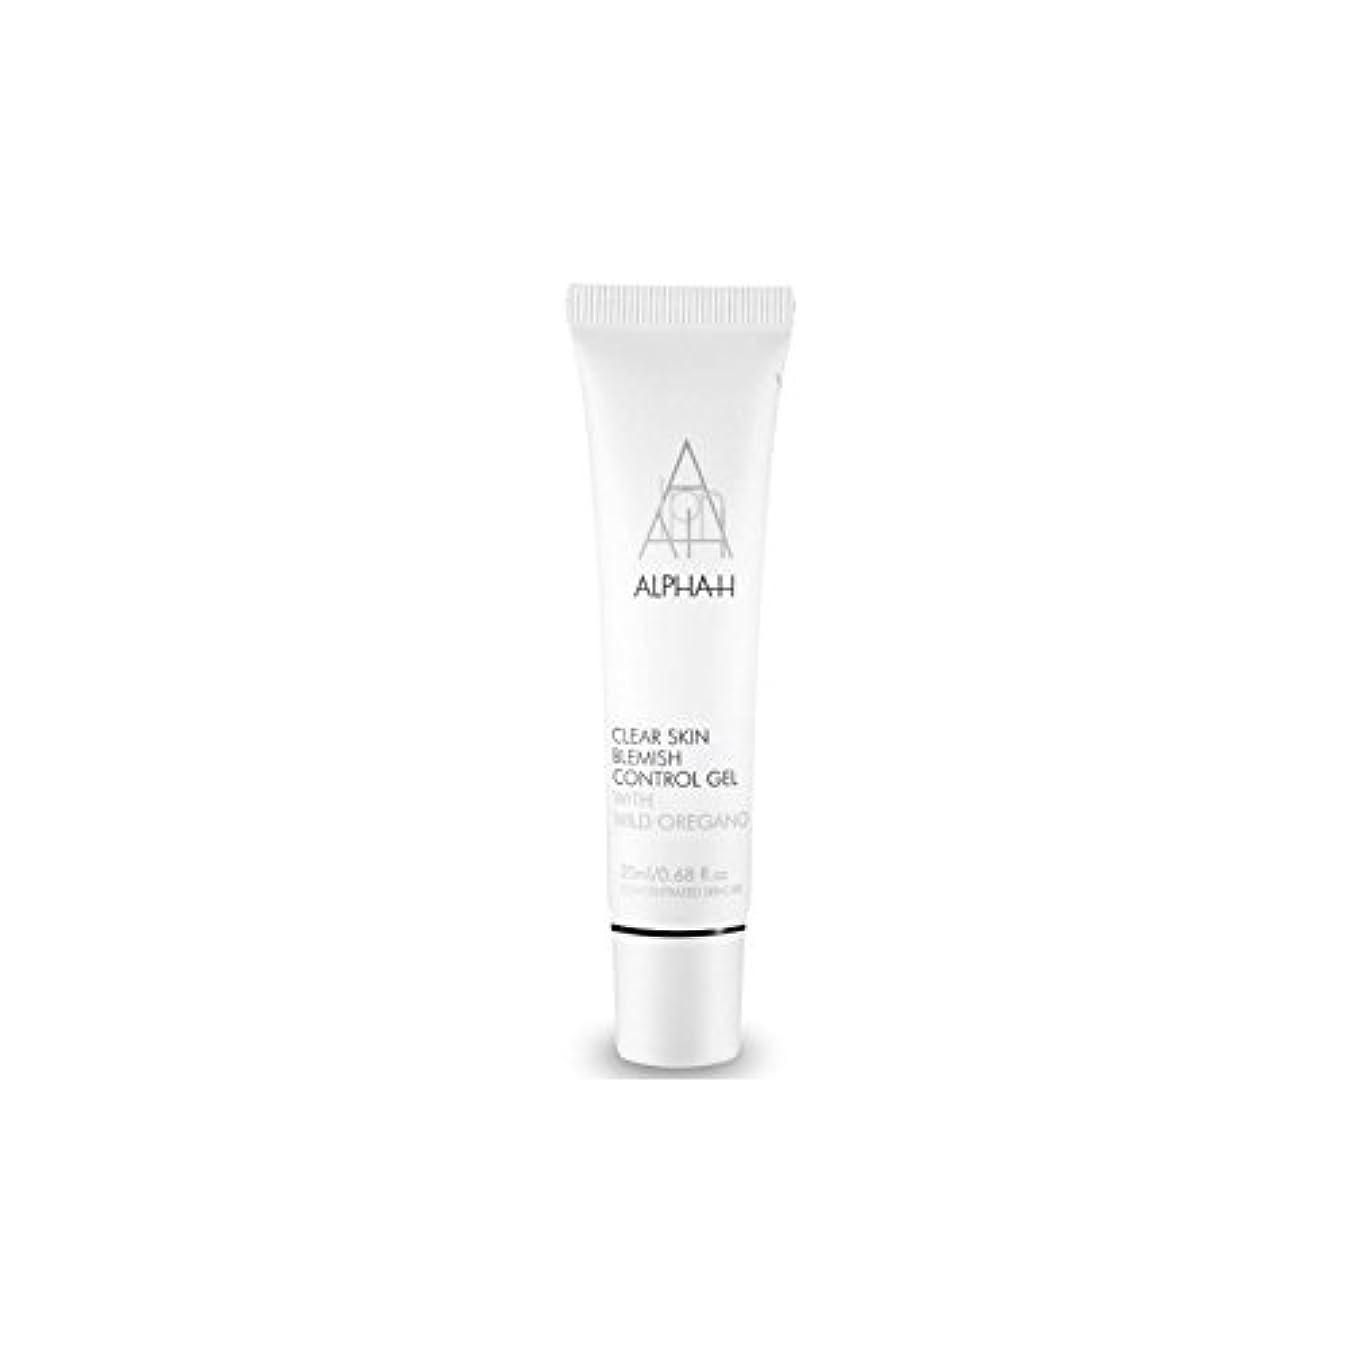 裸強制枢機卿Alpha-H Clear Skin Blemish Control Gel (20ml) (Pack of 6) - アルファクリア皮膚傷制御ゲル(20)中 x6 [並行輸入品]